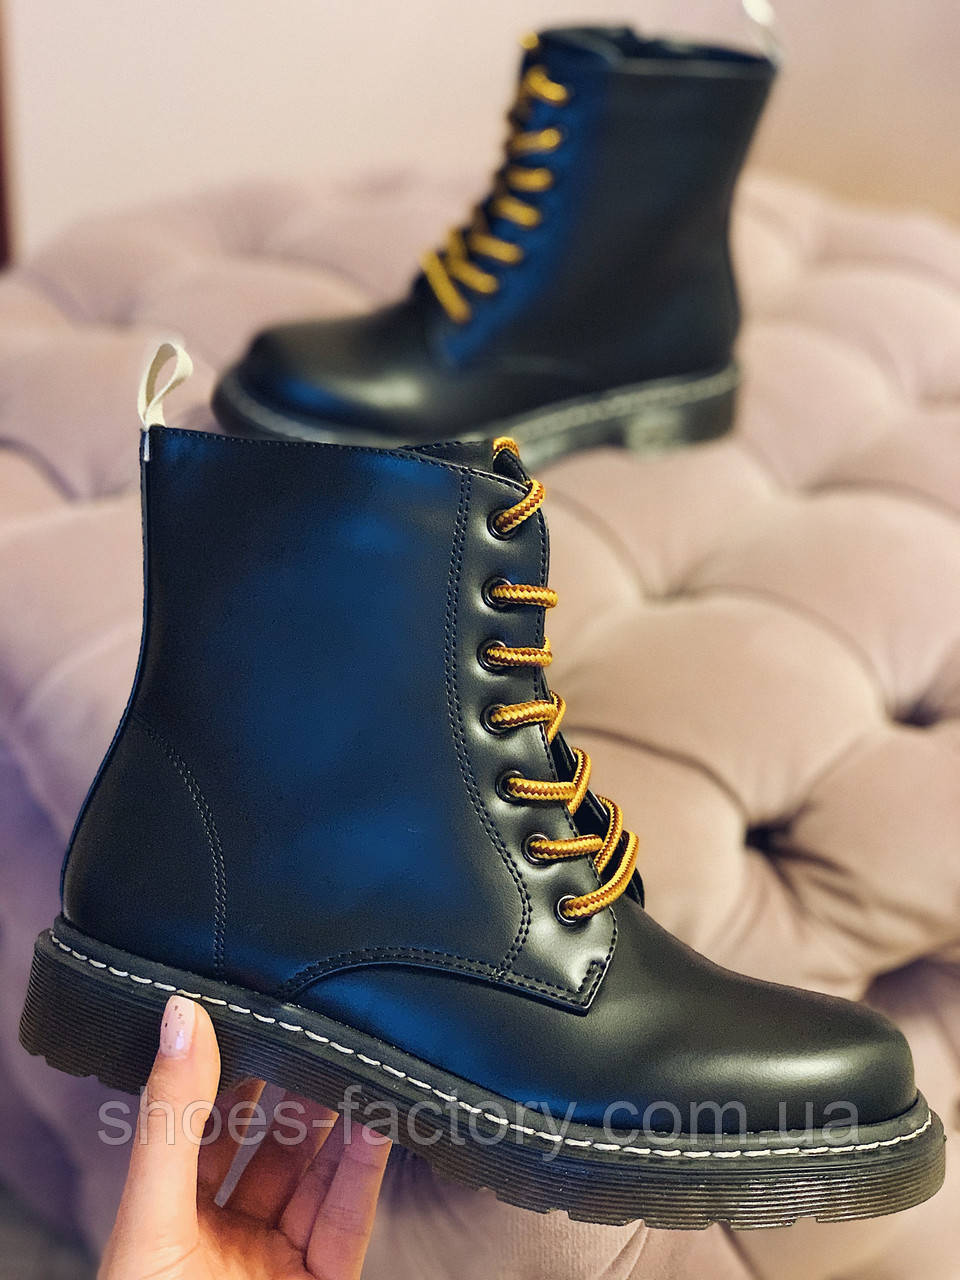 Осінні черевики в стилі Dr. Martens Доктор Мартінс жіночі чорні